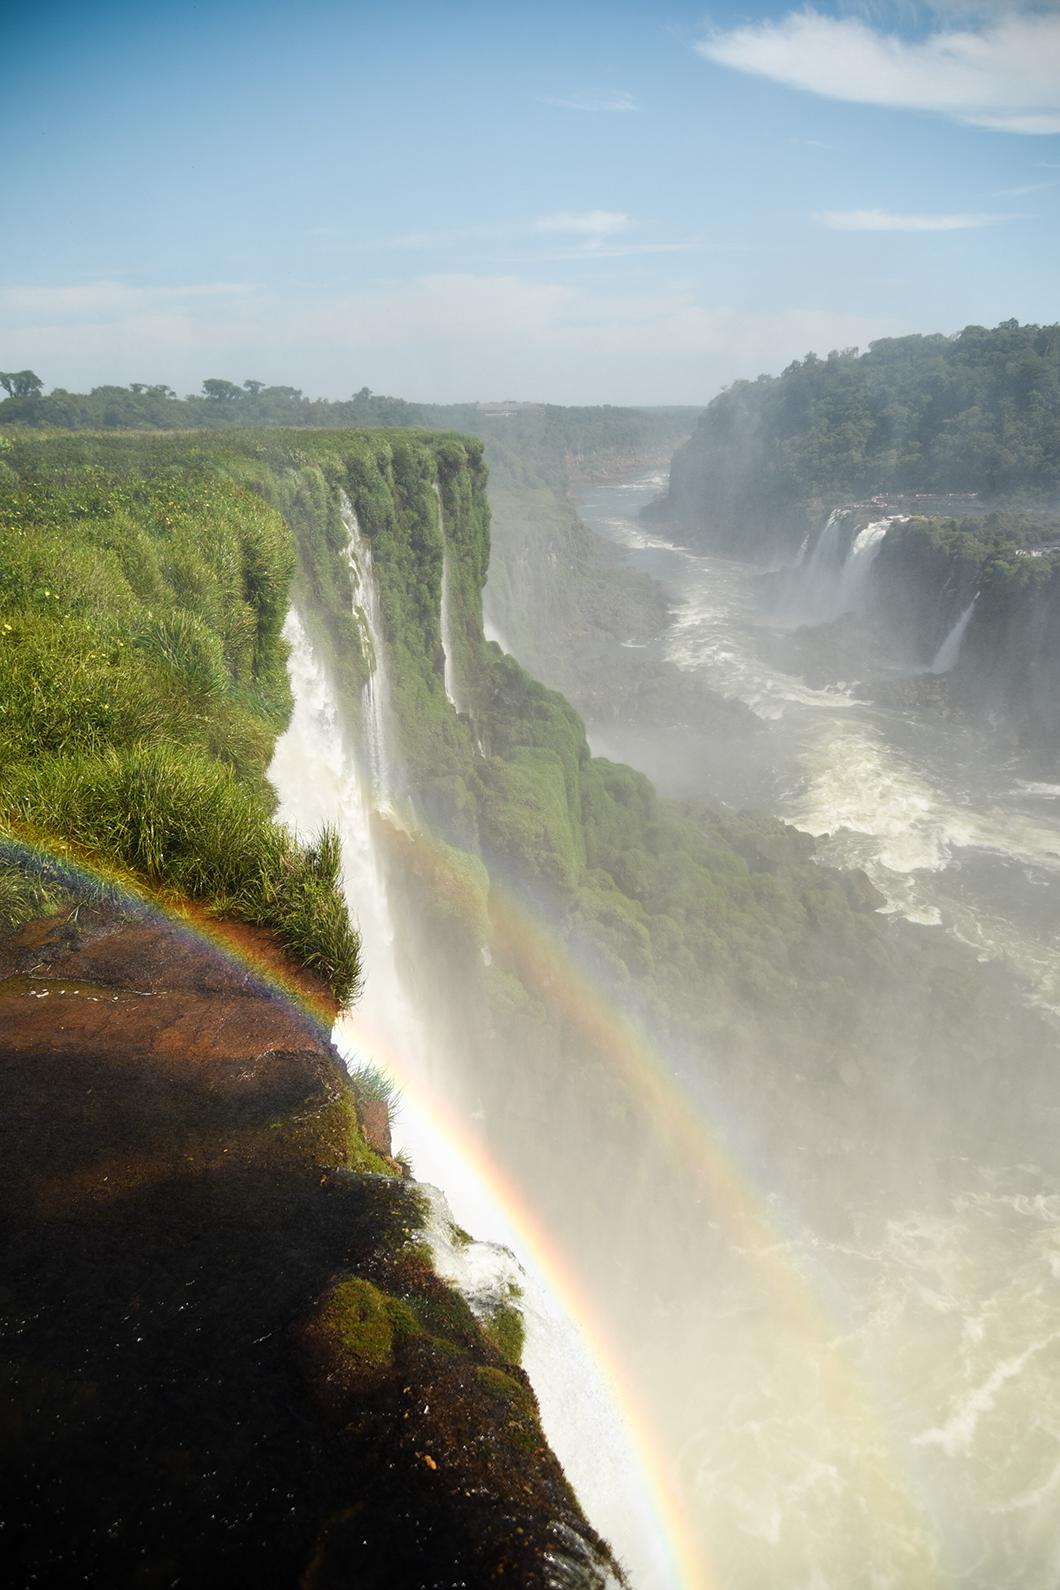 Découverte des chutes d'Iguazu